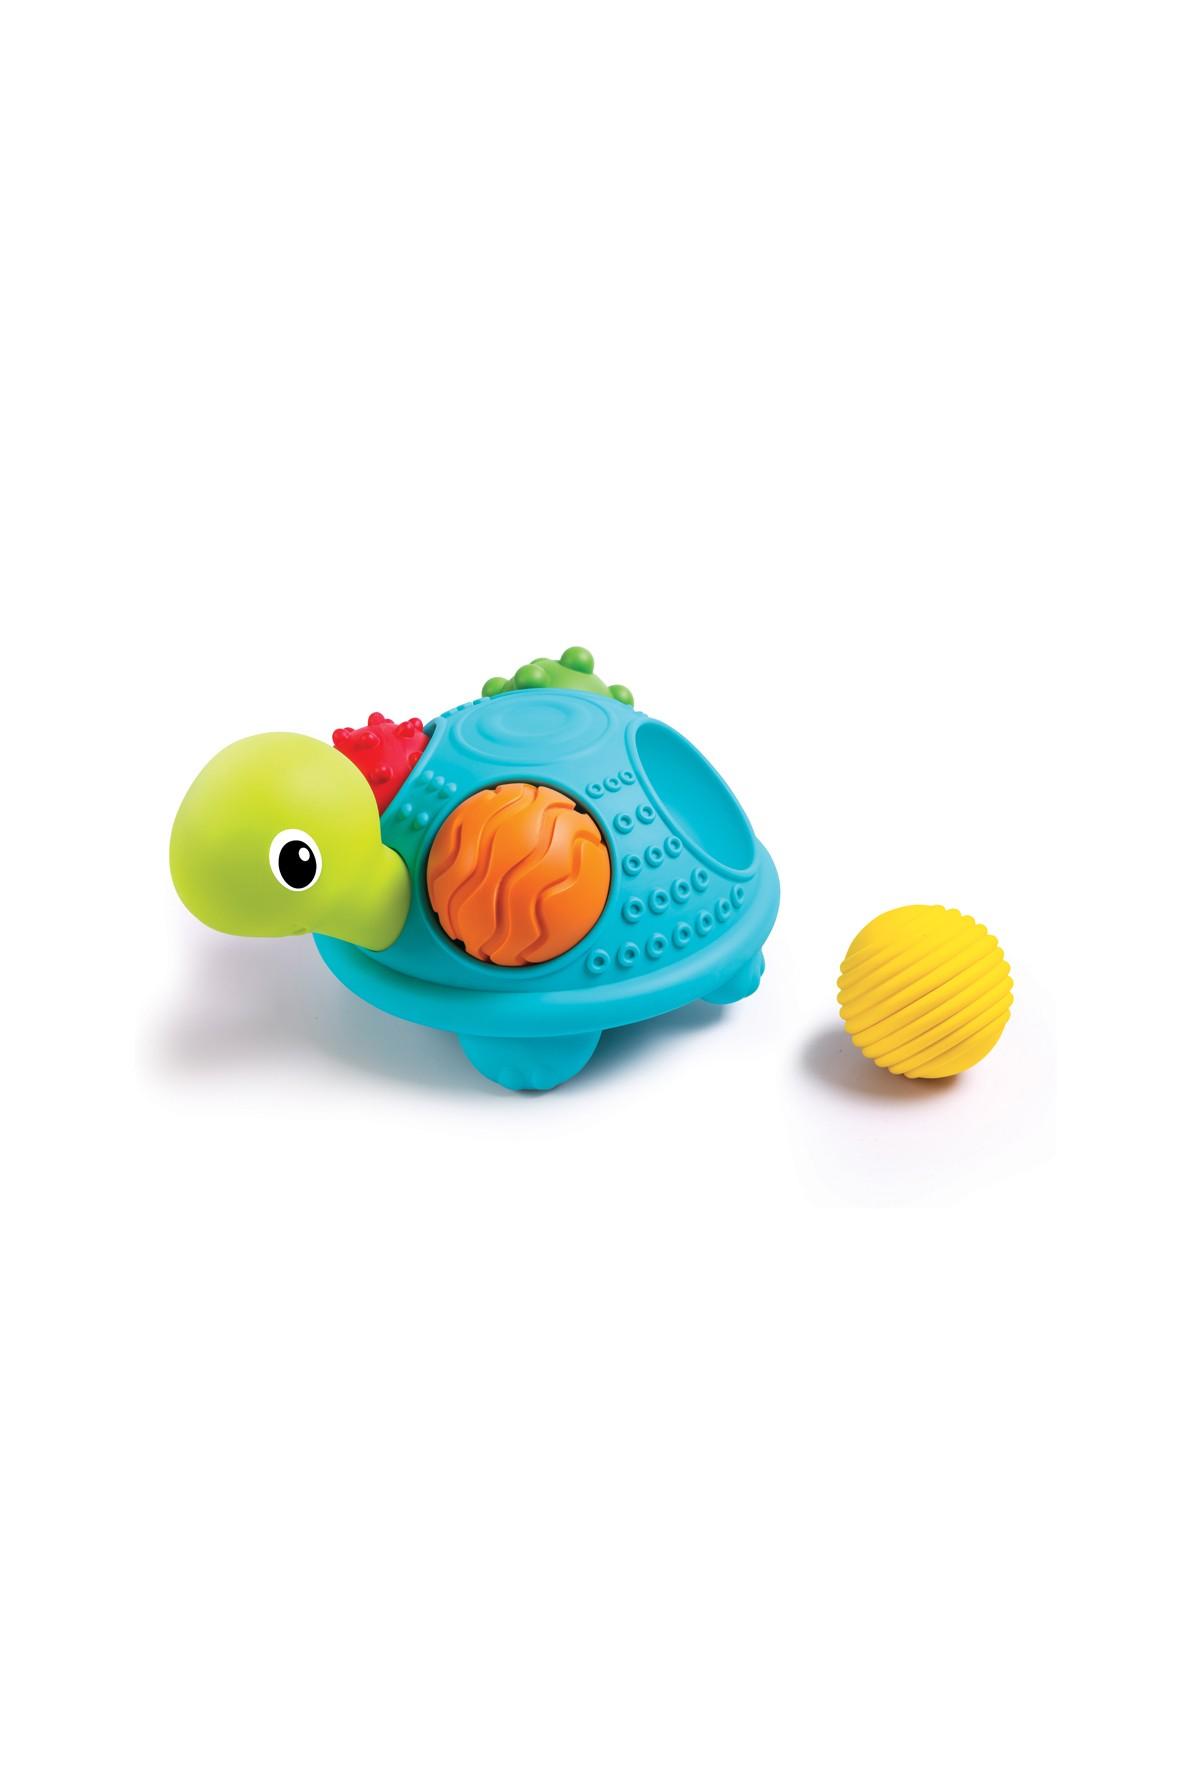 Zabawka niemowlęca senrory